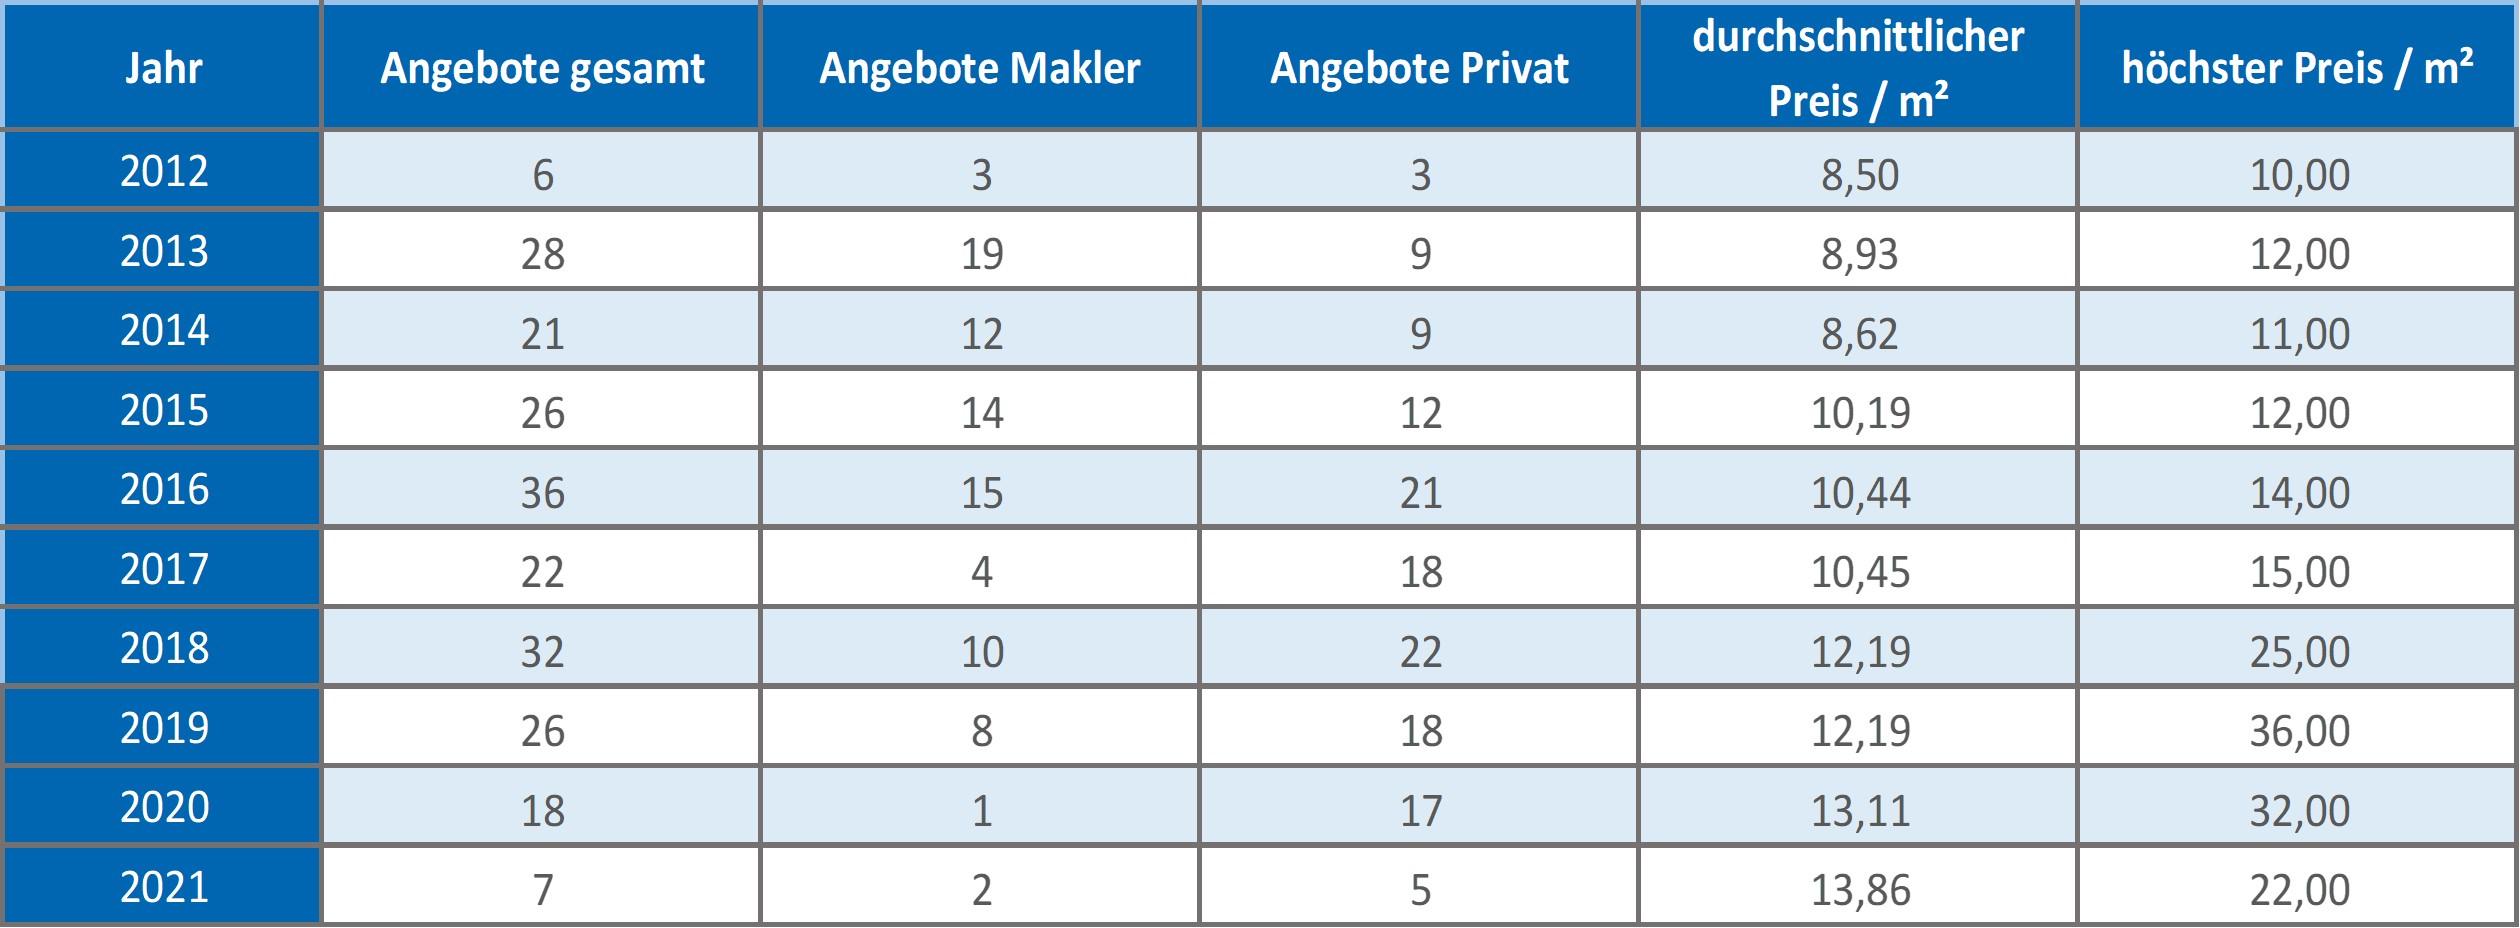 Oberpframmern Wohnung mieten vermieten Preis Bewertung Makler www.happy-immo.de 2019 2020 2021